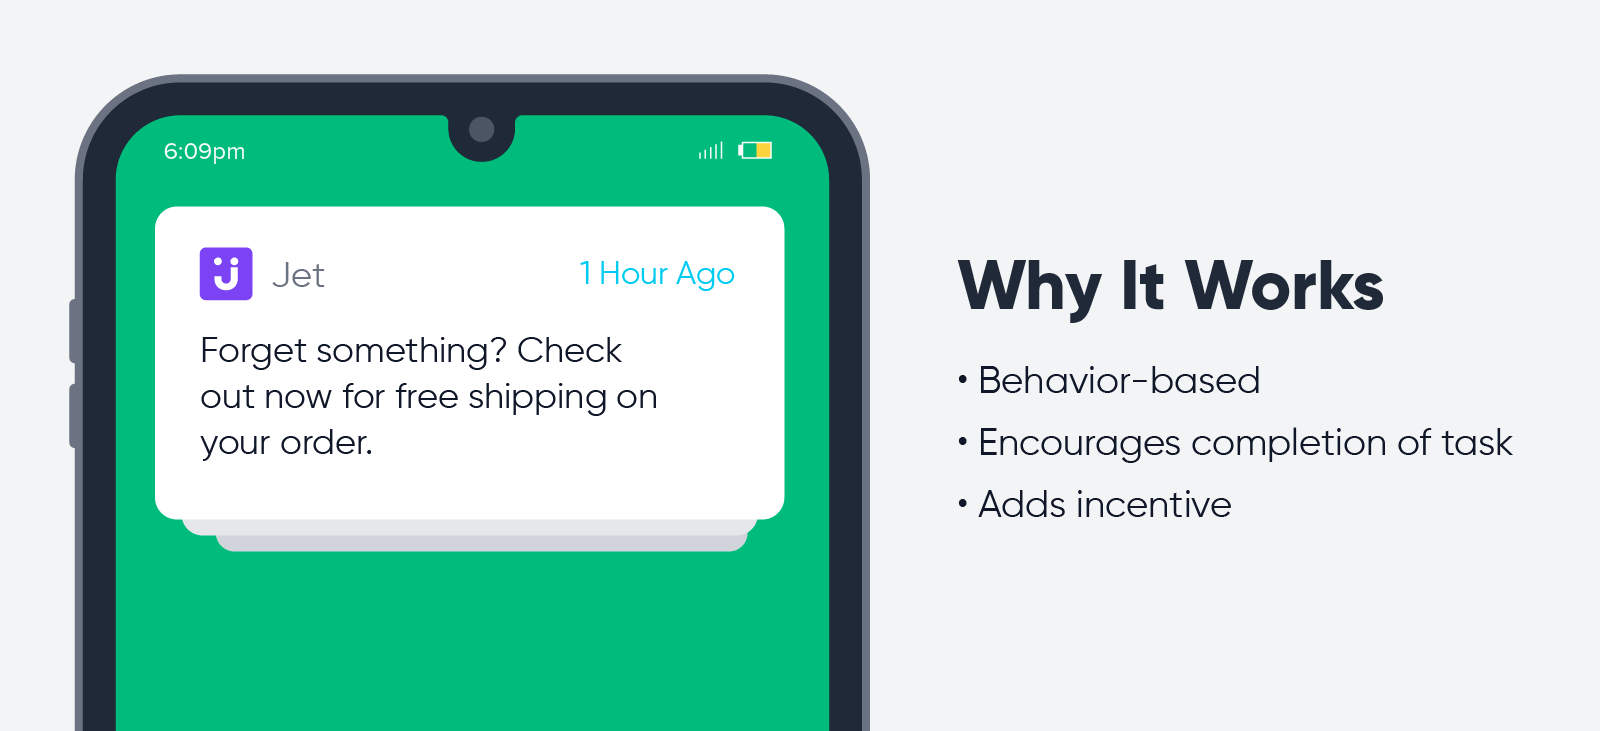 Jet - jet-push notification best practices